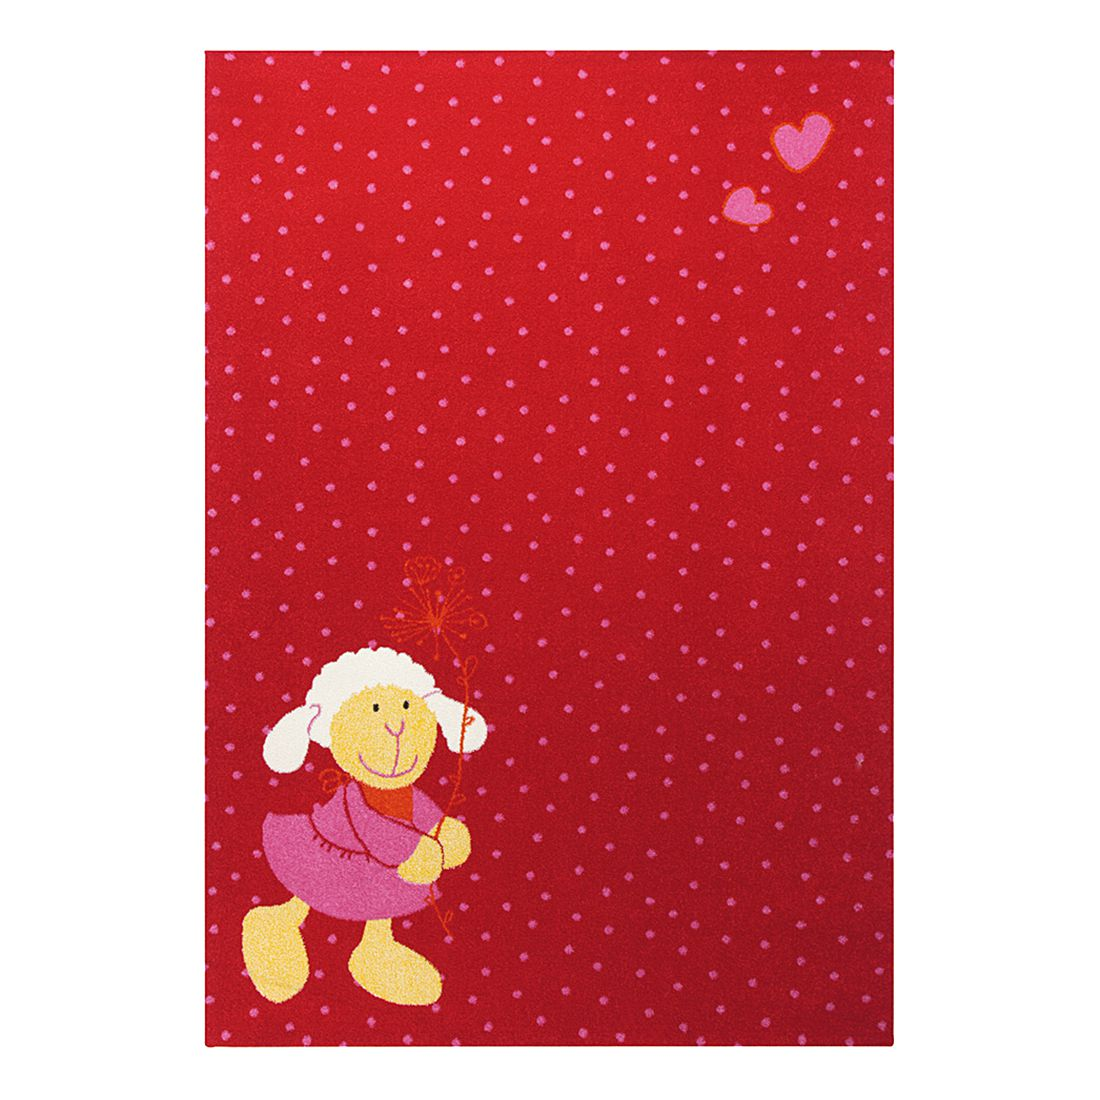 Kinderteppich Schnuggi – Rot – 200 x 290 cm, Sigikid kaufen